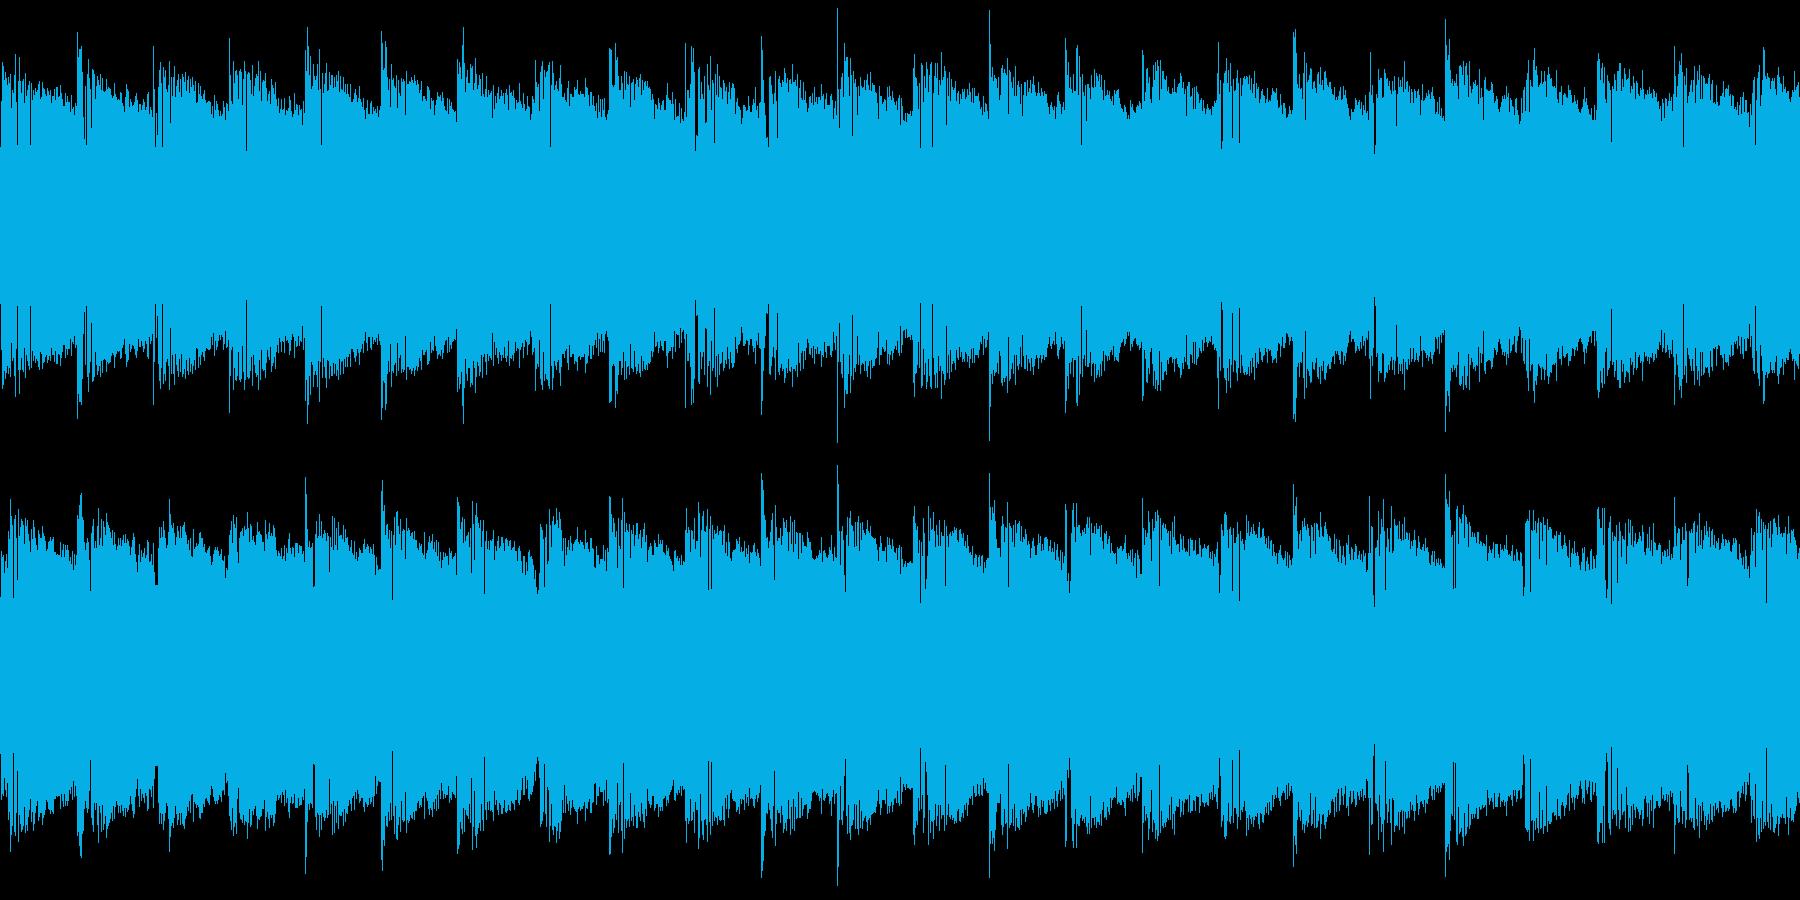 シンセ サイレン アナログ ピコピコ06の再生済みの波形